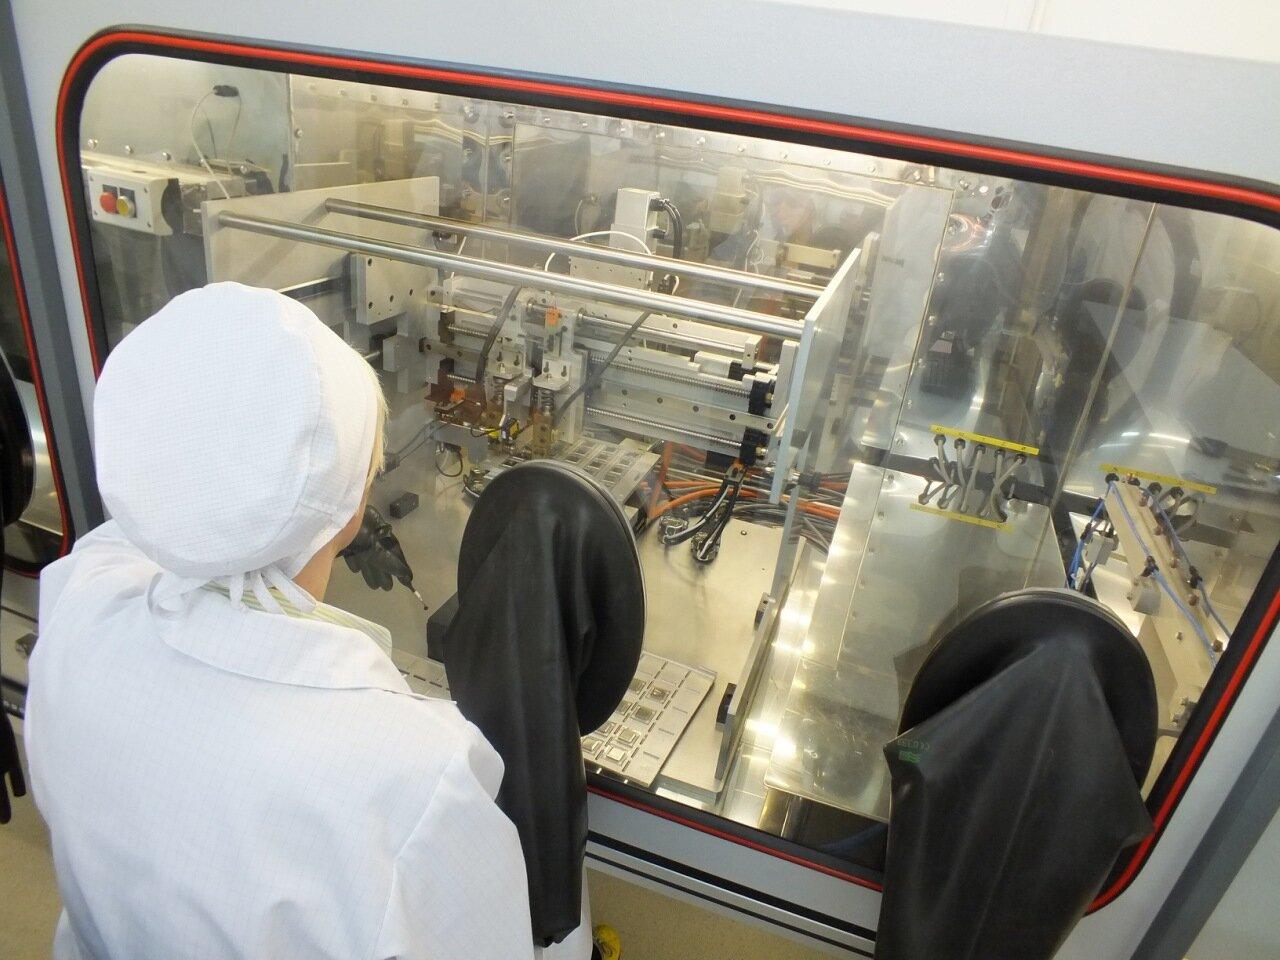 Линия герметизации корпусов микросхем в инертной среде методом роликовой шовной сварки с встроенной вакуумной печью HPS9206M